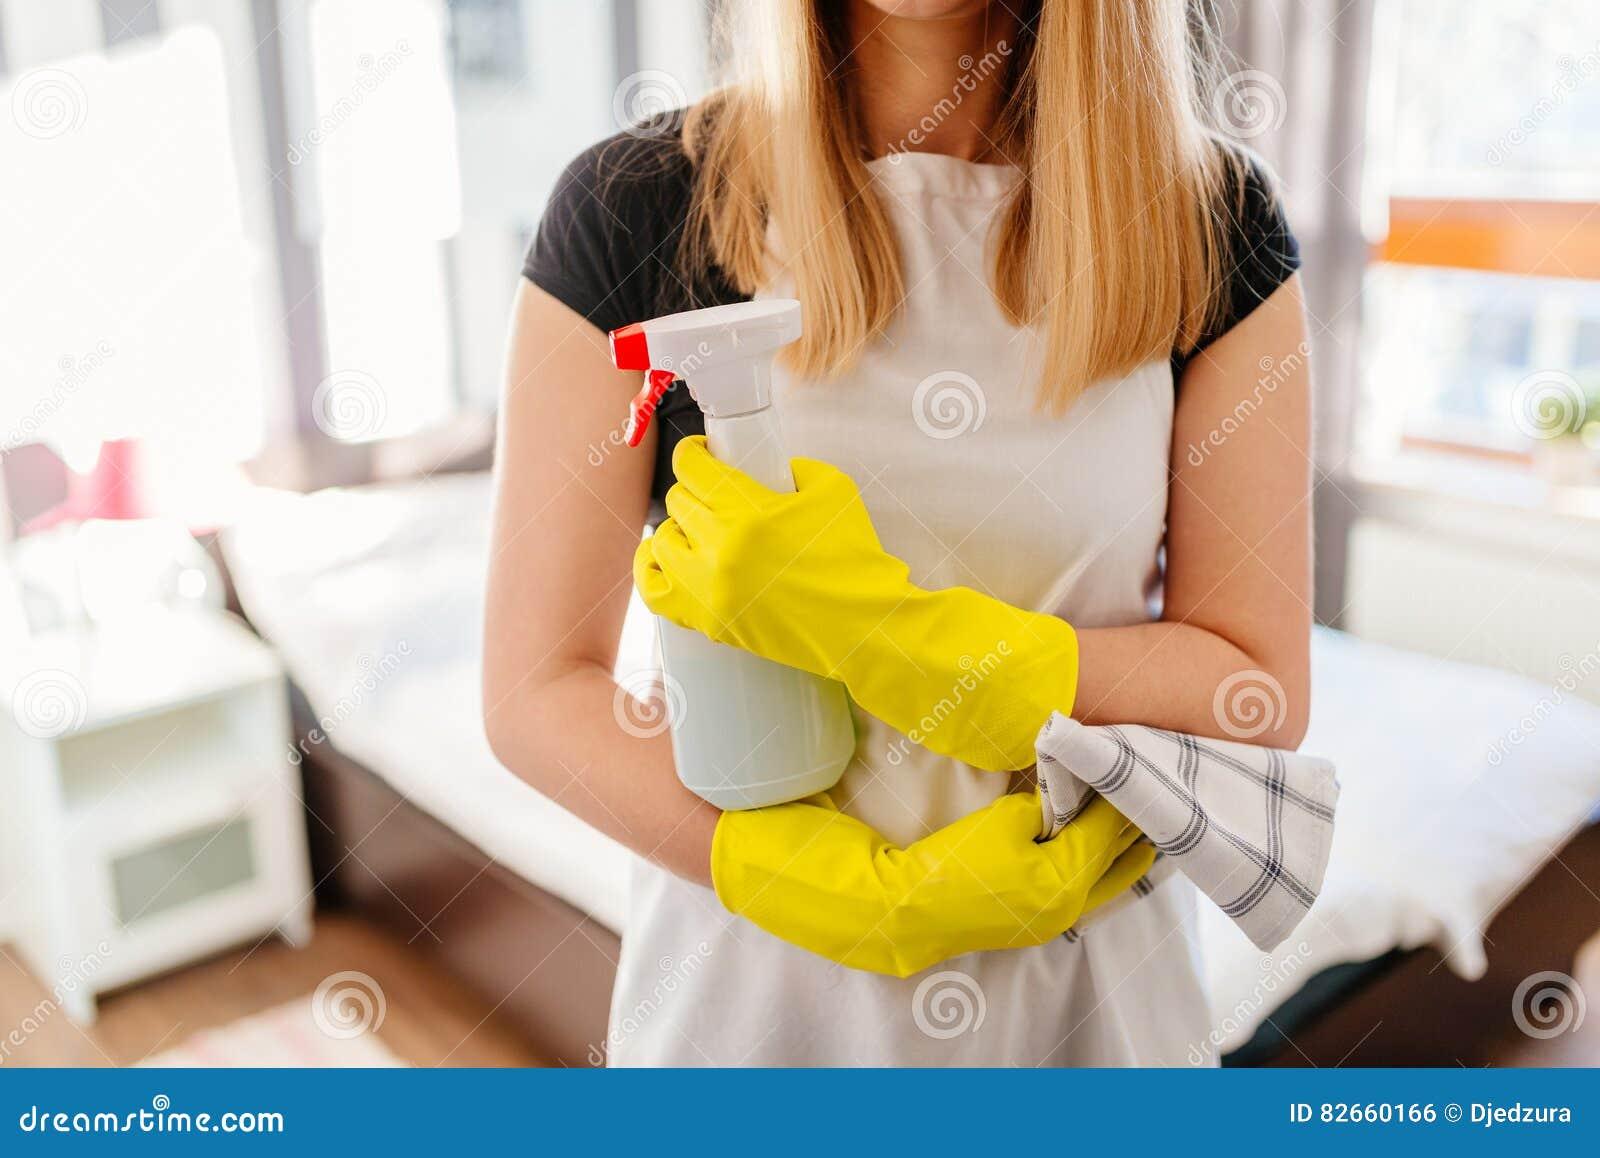 Frau, die Lappen- und Sprühflaschereinigungsmittel hält